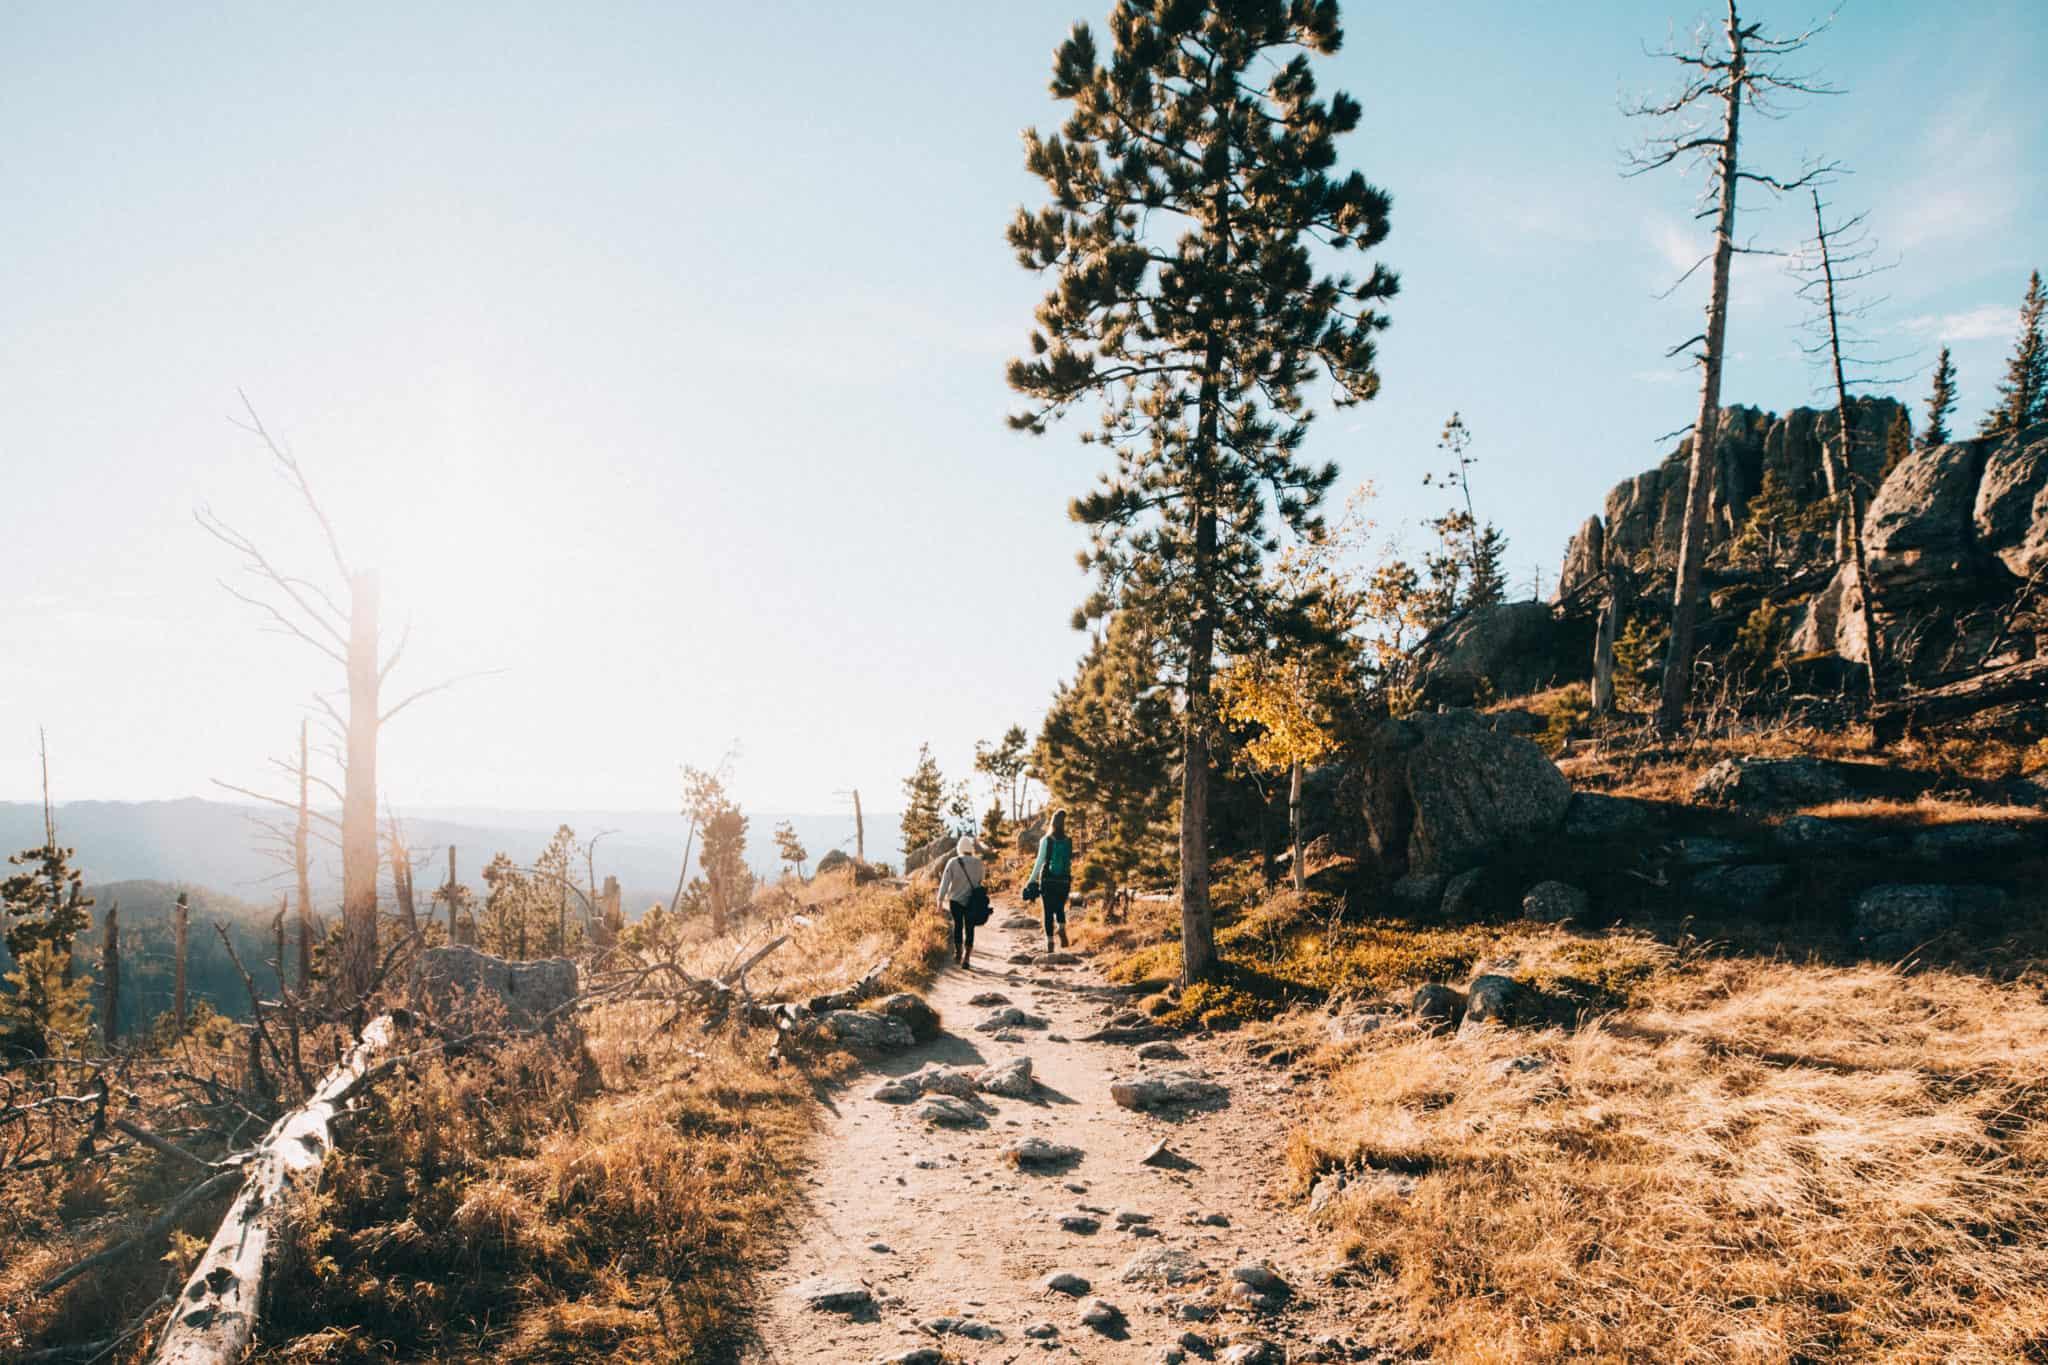 Trail view of the Black Elk Peak Hike